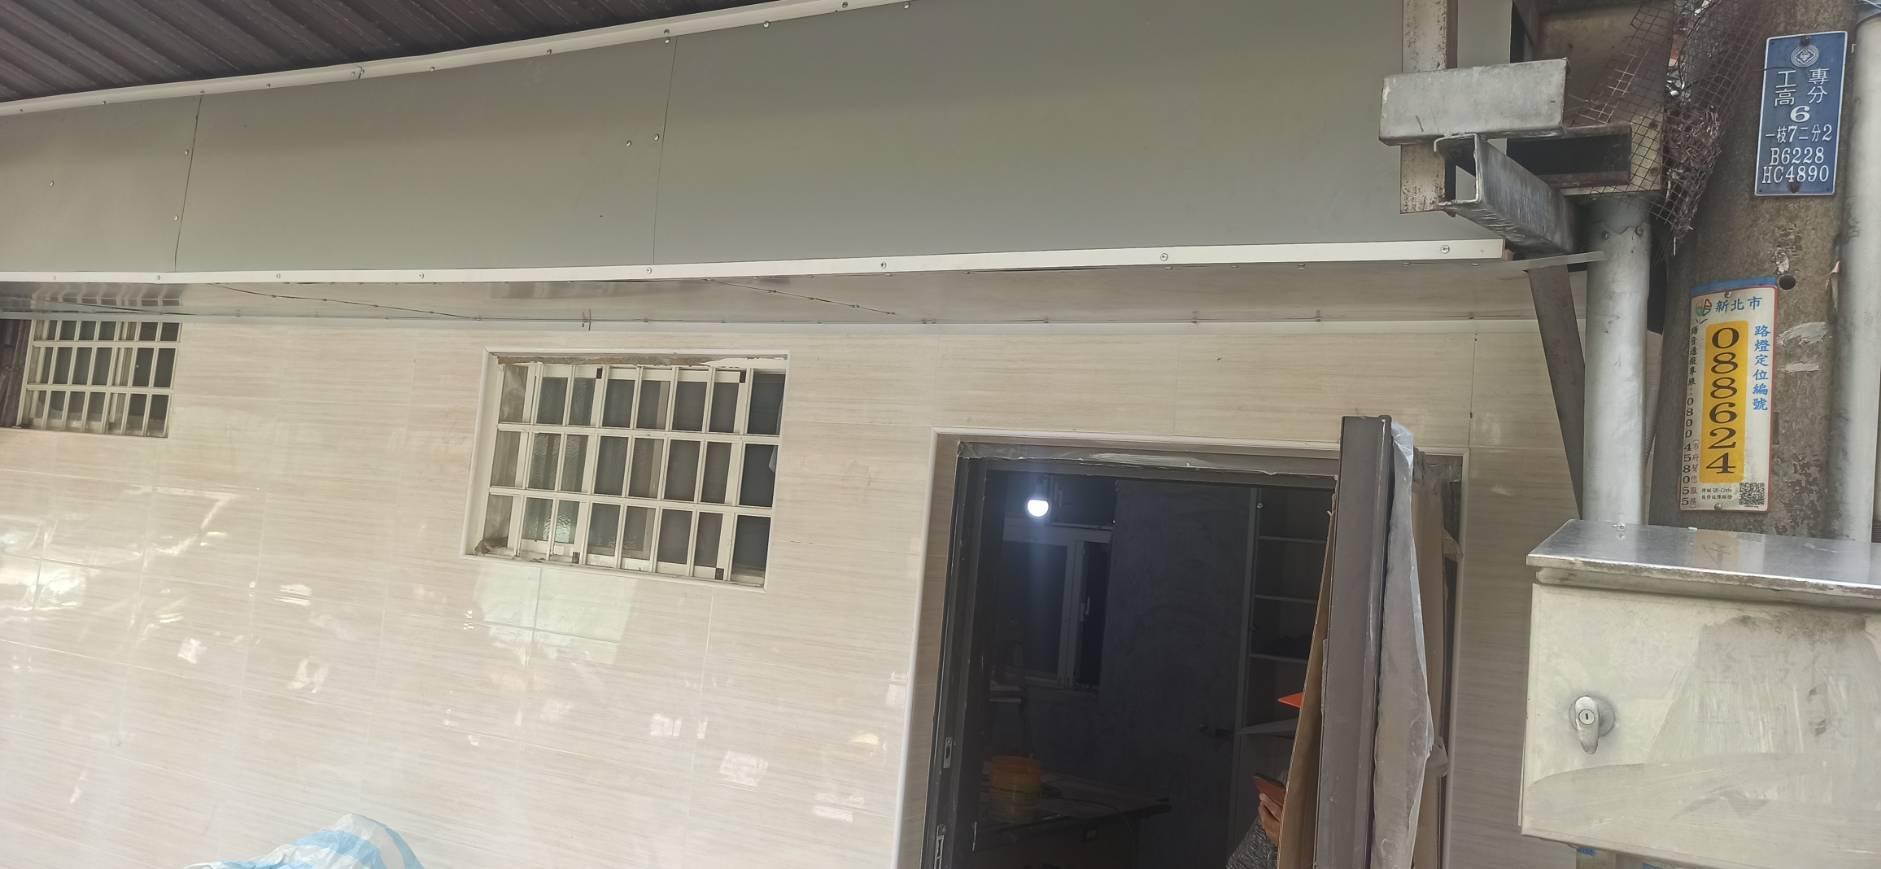 C090華新街亮麗一樓 板橋買屋,店面,住商朱茂良0932-224-646